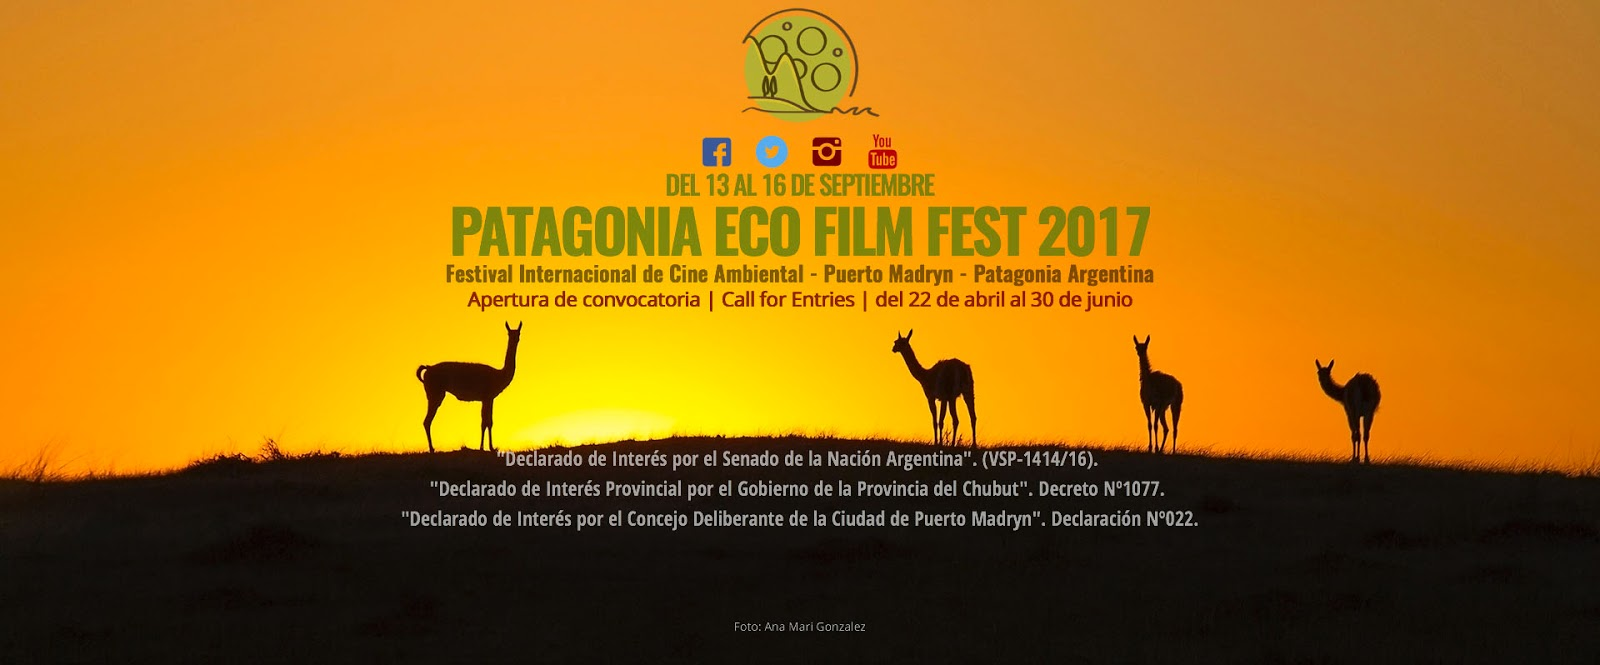 patagonia eco film fest 2017